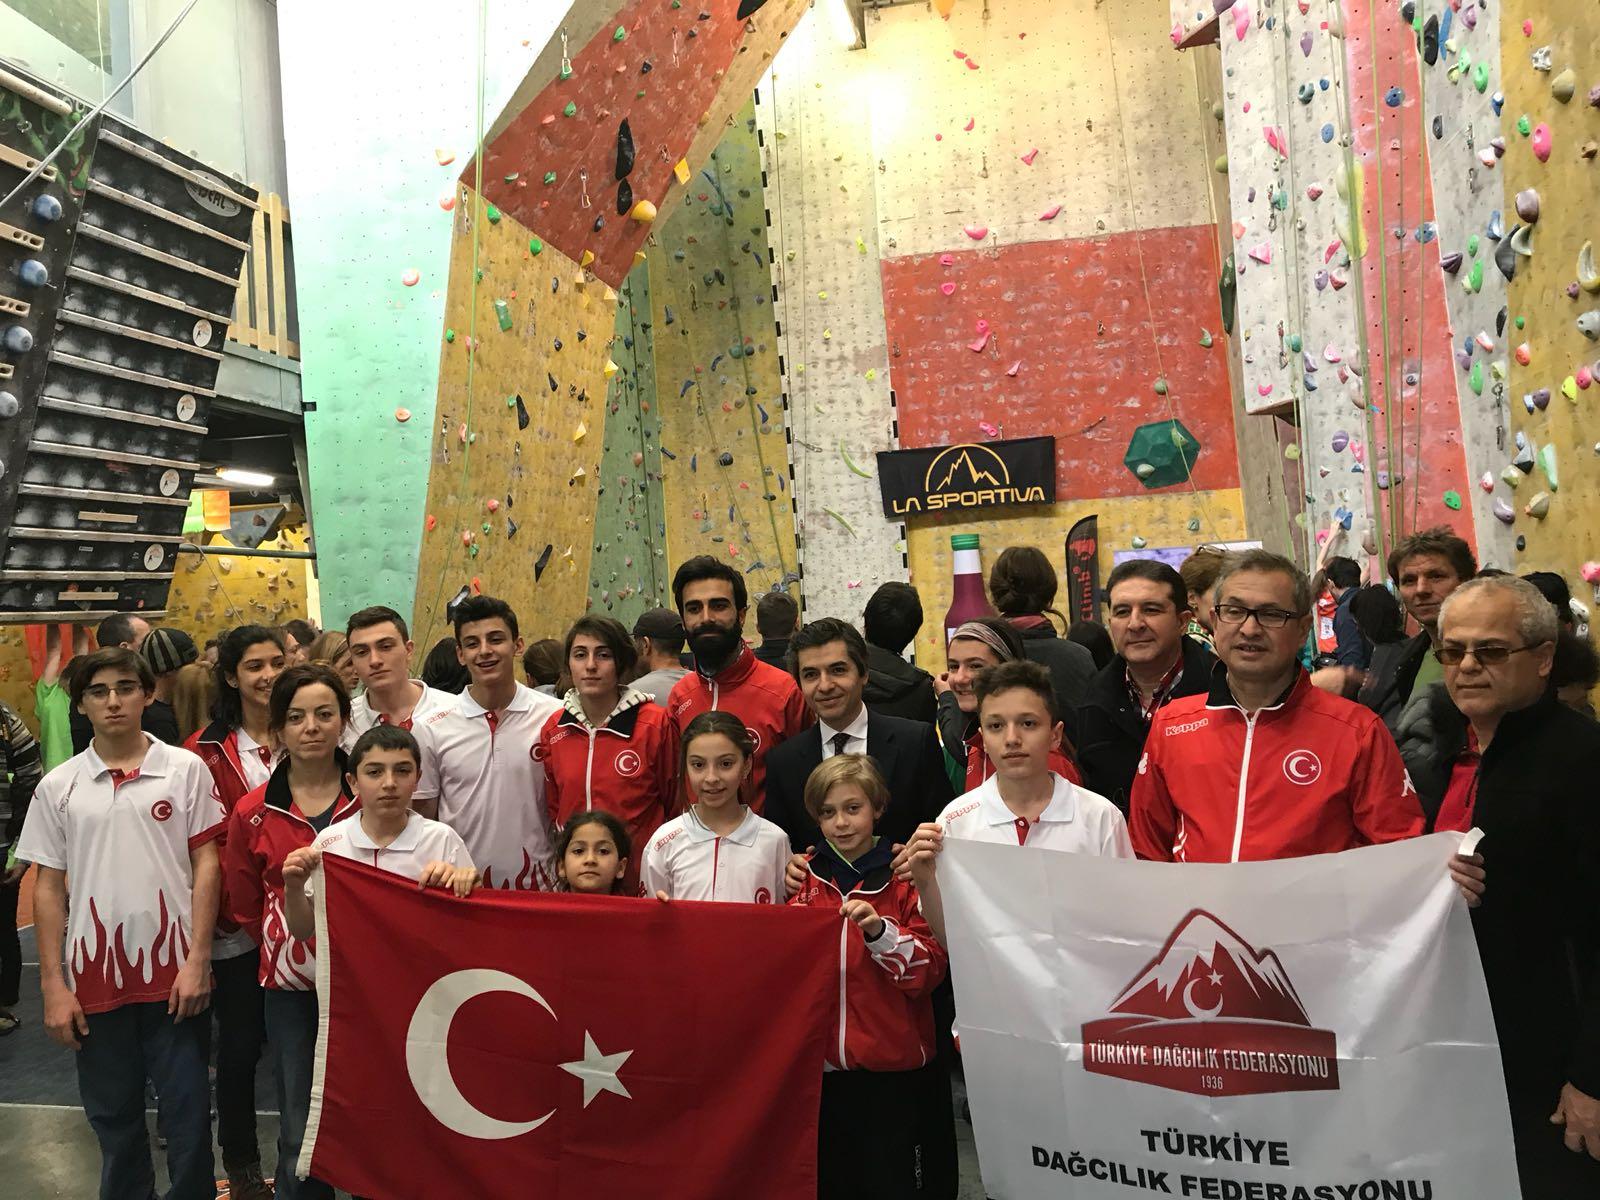 TDF Spor Tırmanış Milli Takımı Romanya'dan 4 Madalya ile dönüyor.